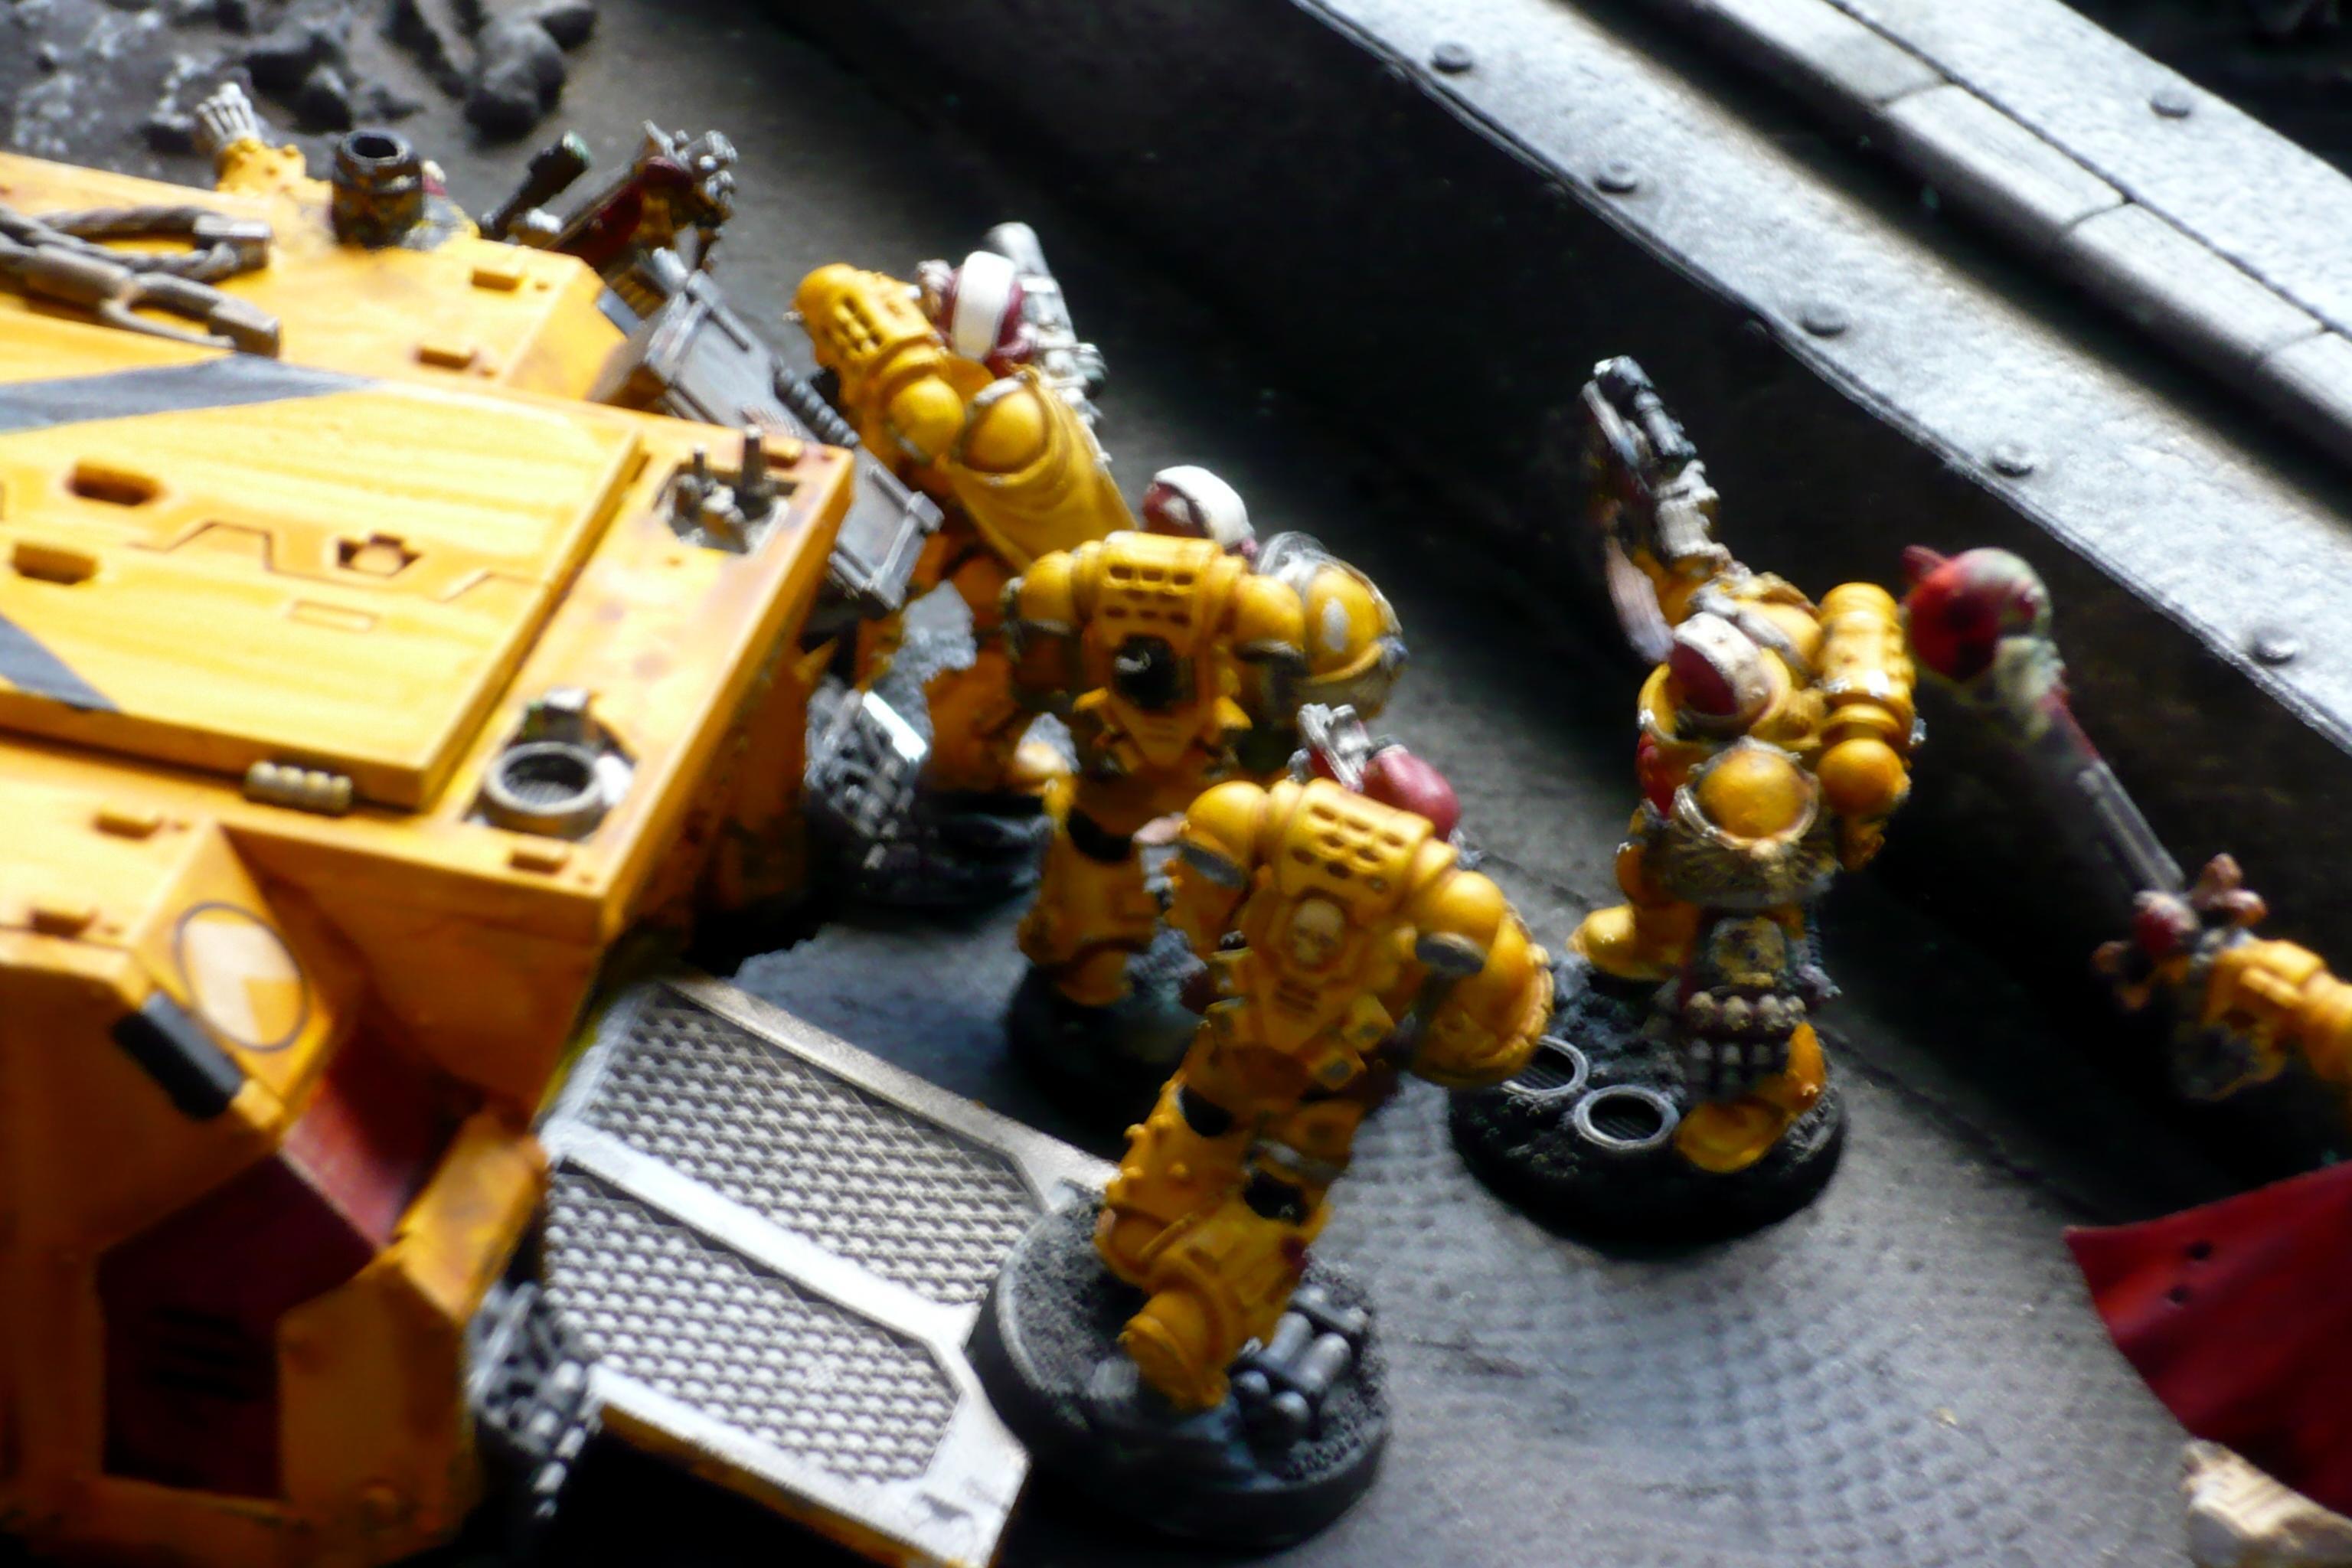 Banana Boat Marines, Impiral Fists, Space Marines, Warhammer 40,000